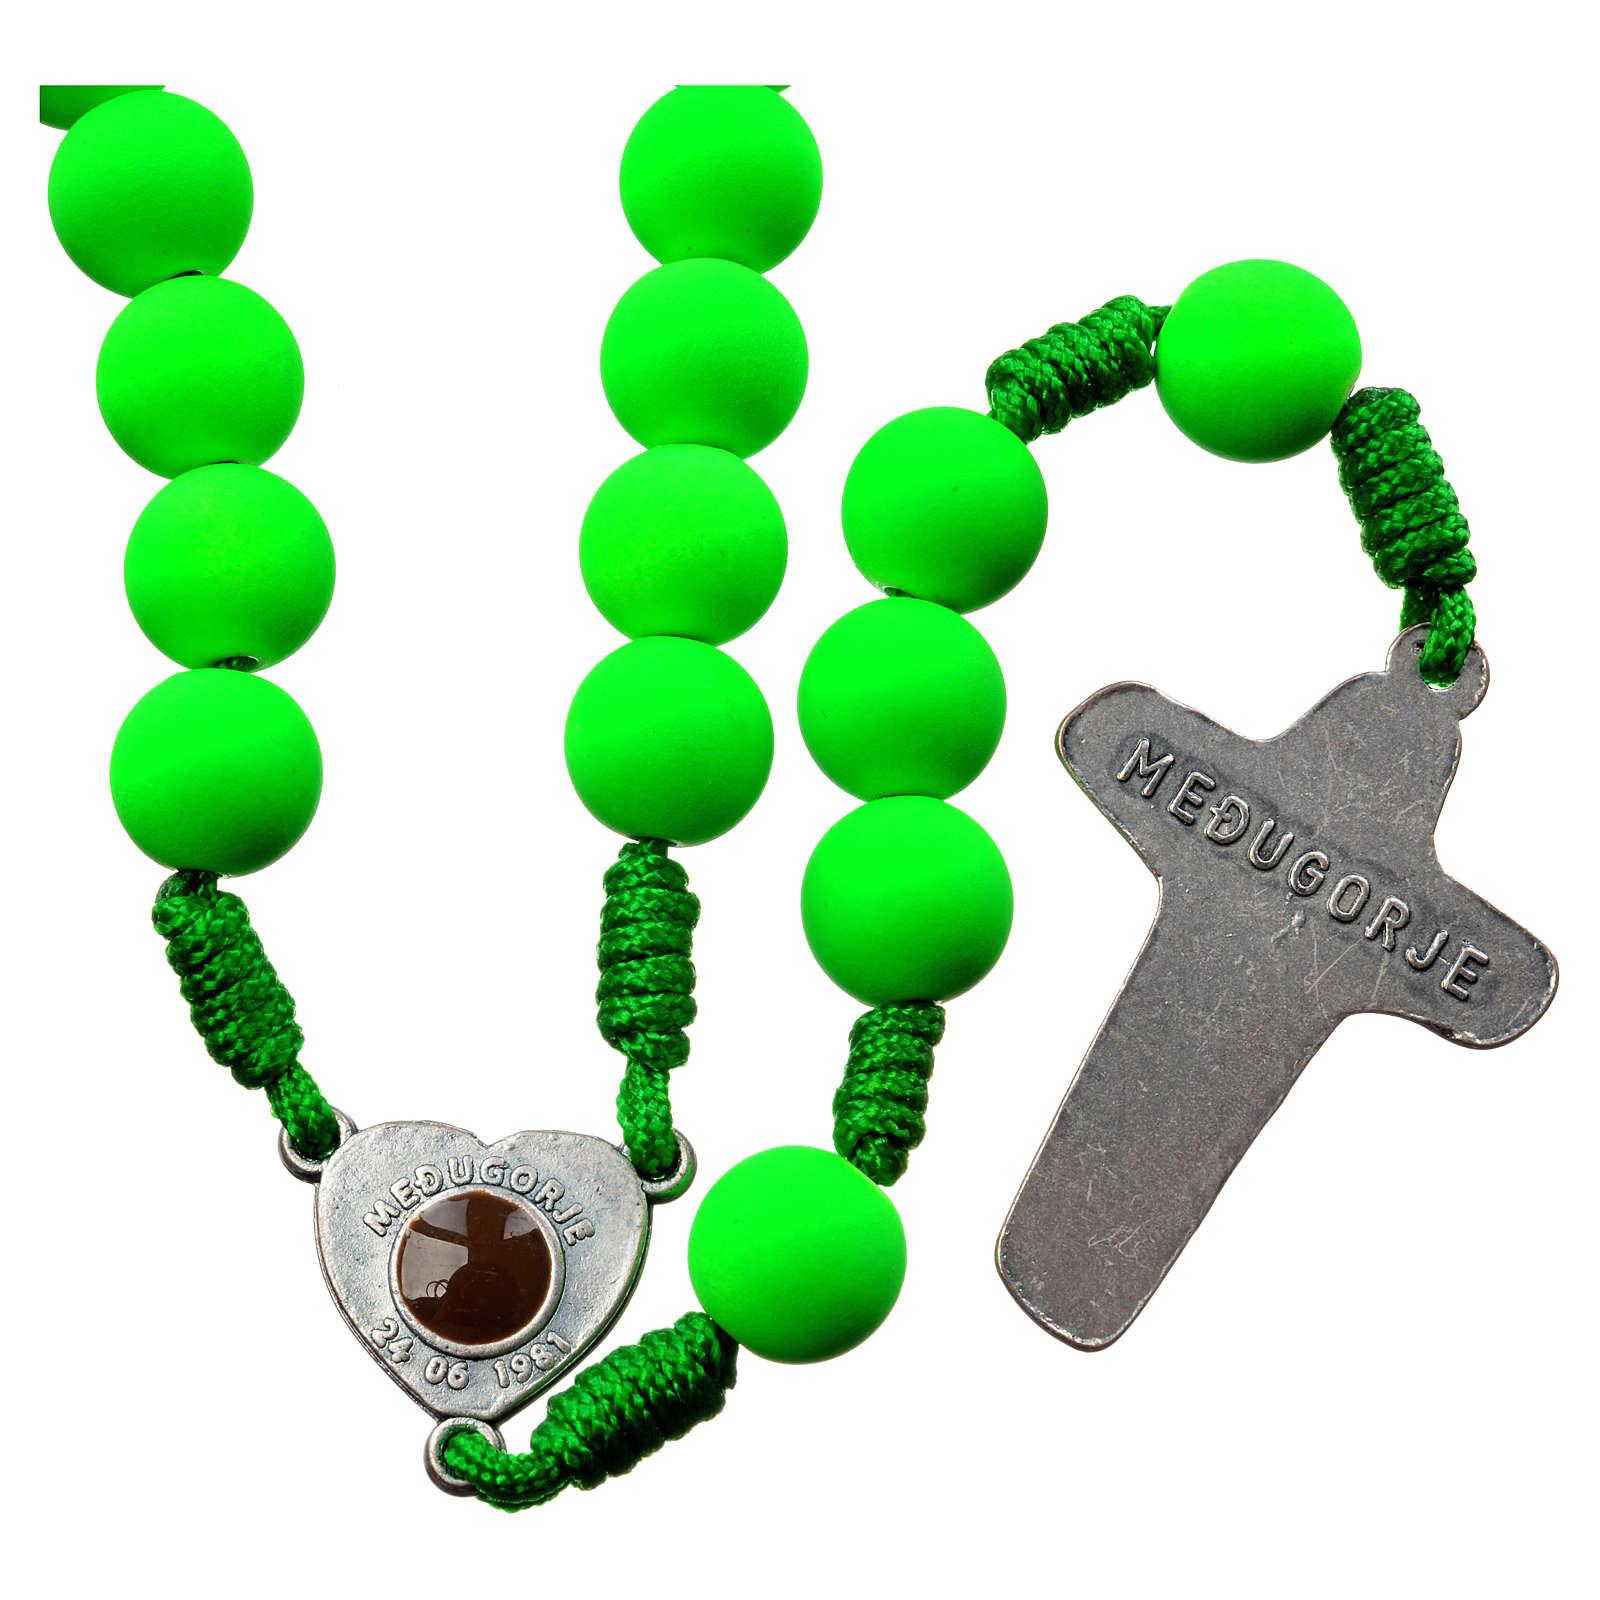 Medjugorje rosary in green fimo with Medjugorje soil 4